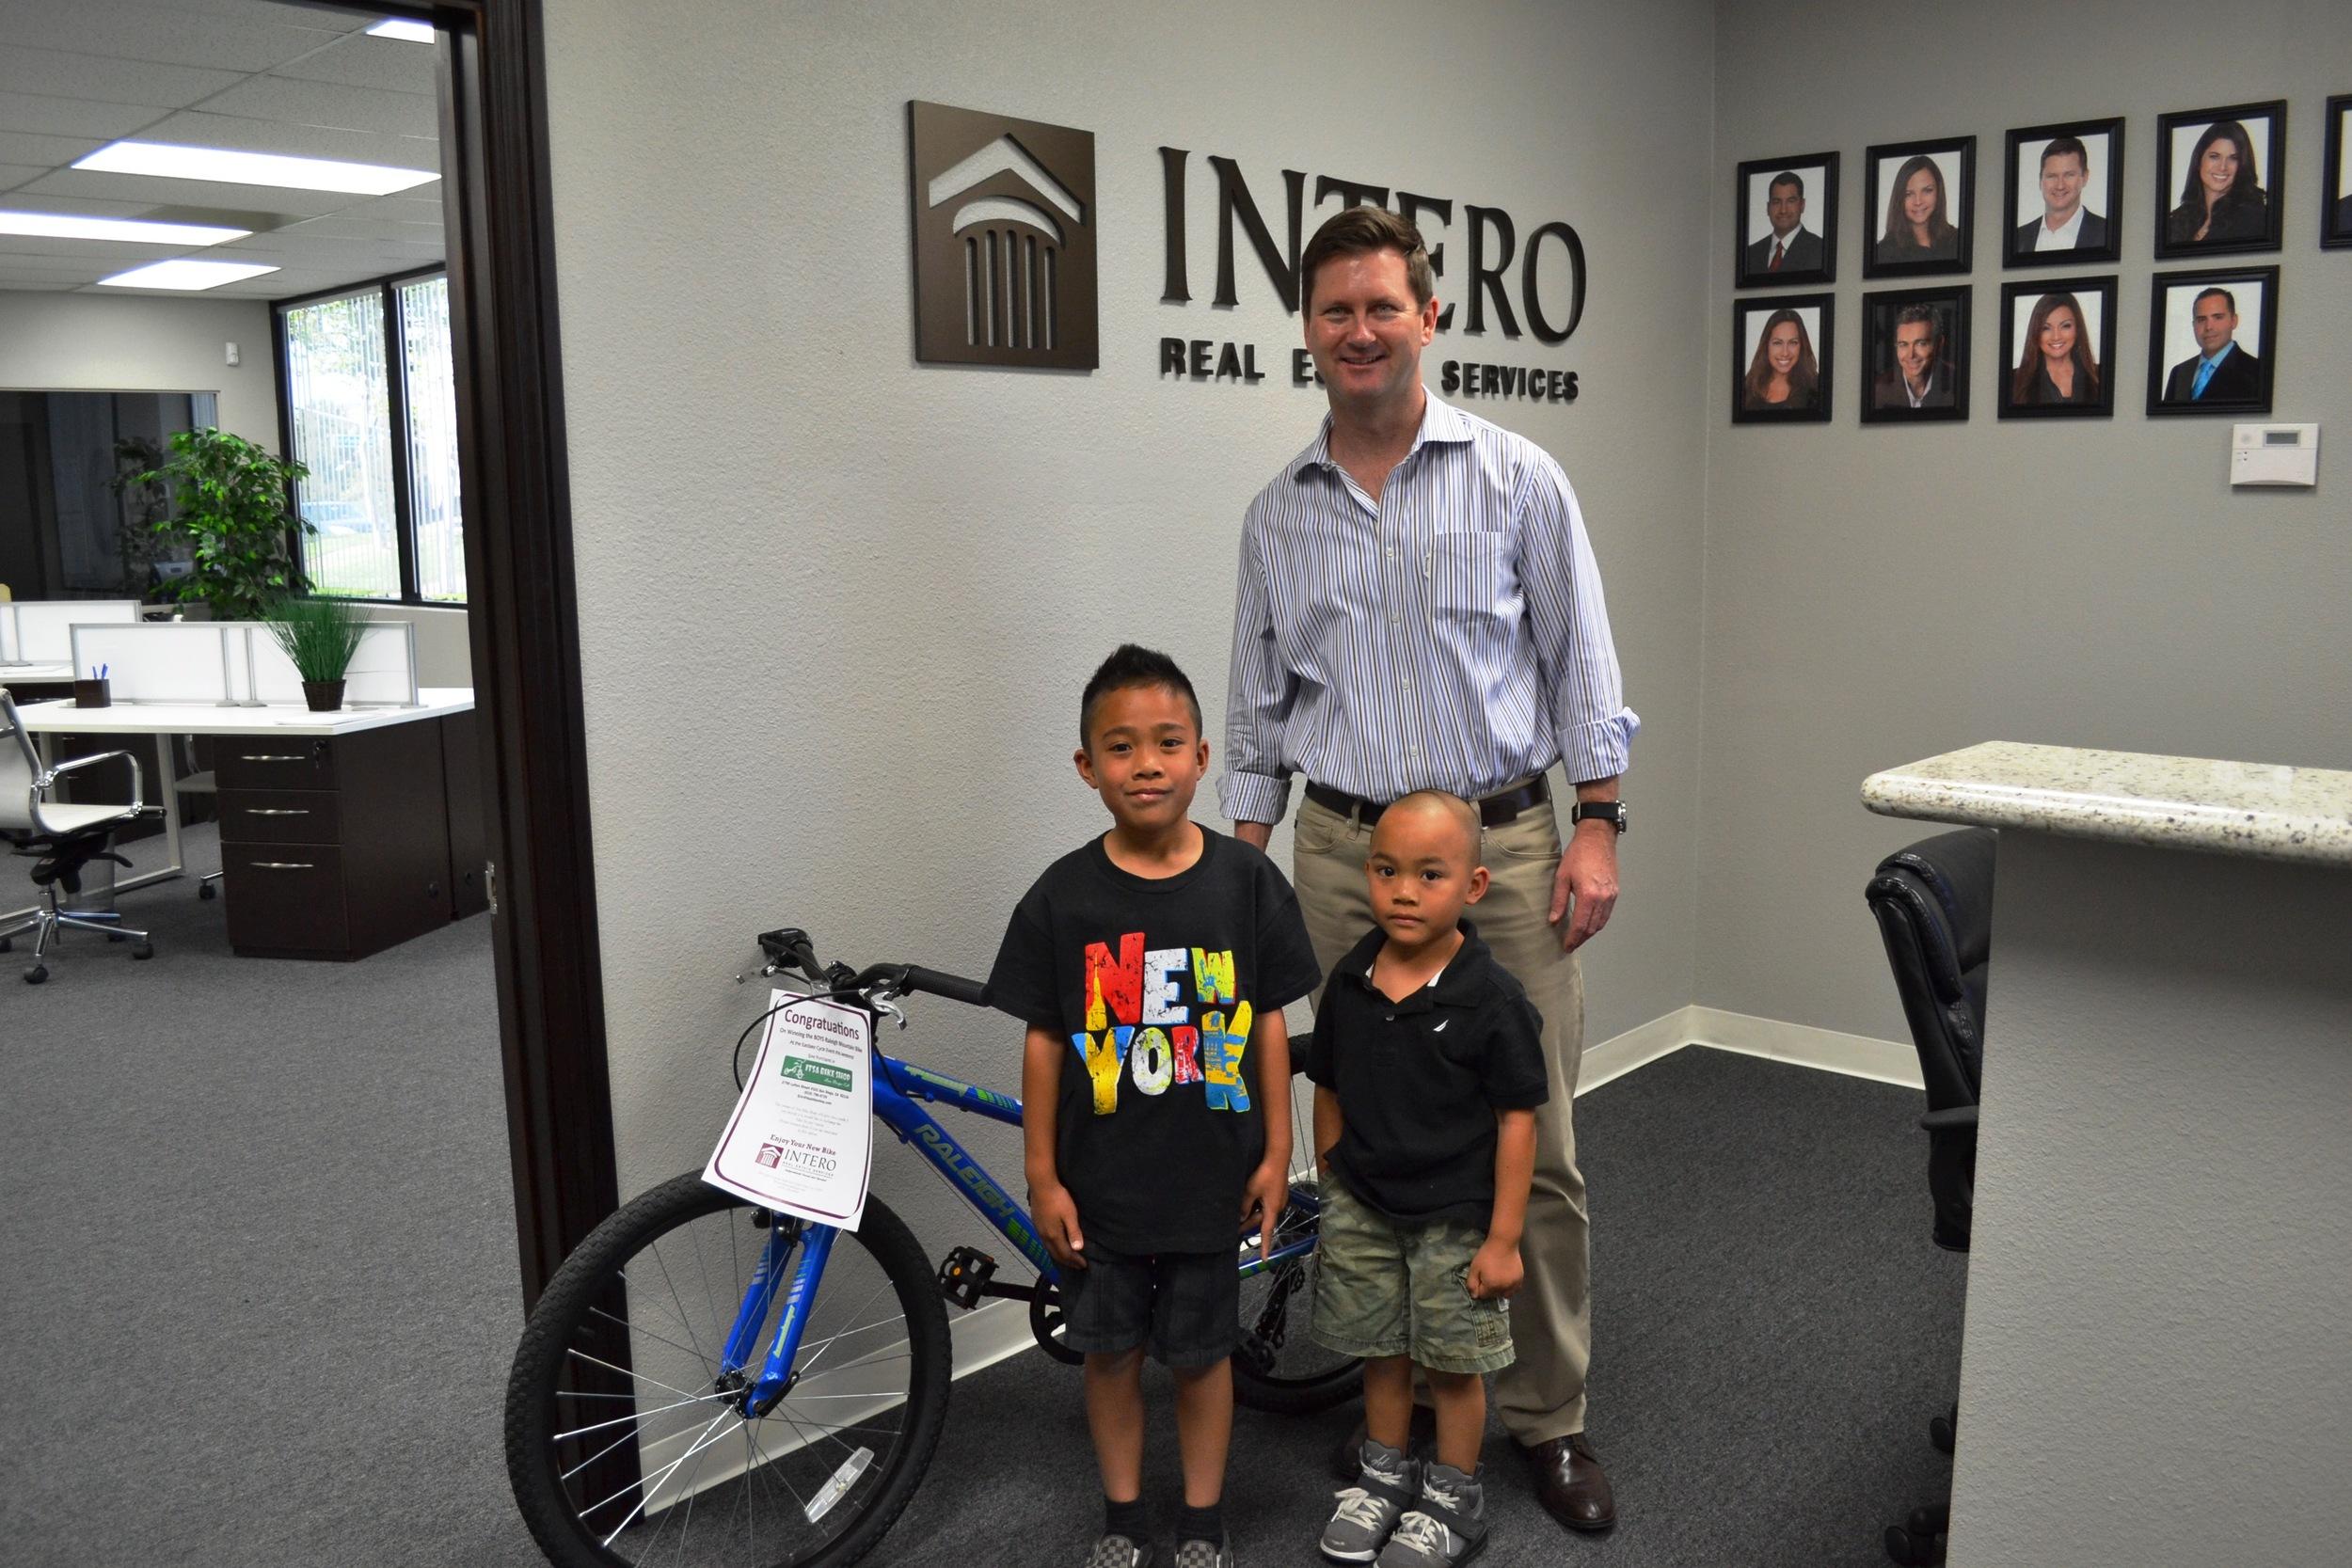 Boy Bike Winner